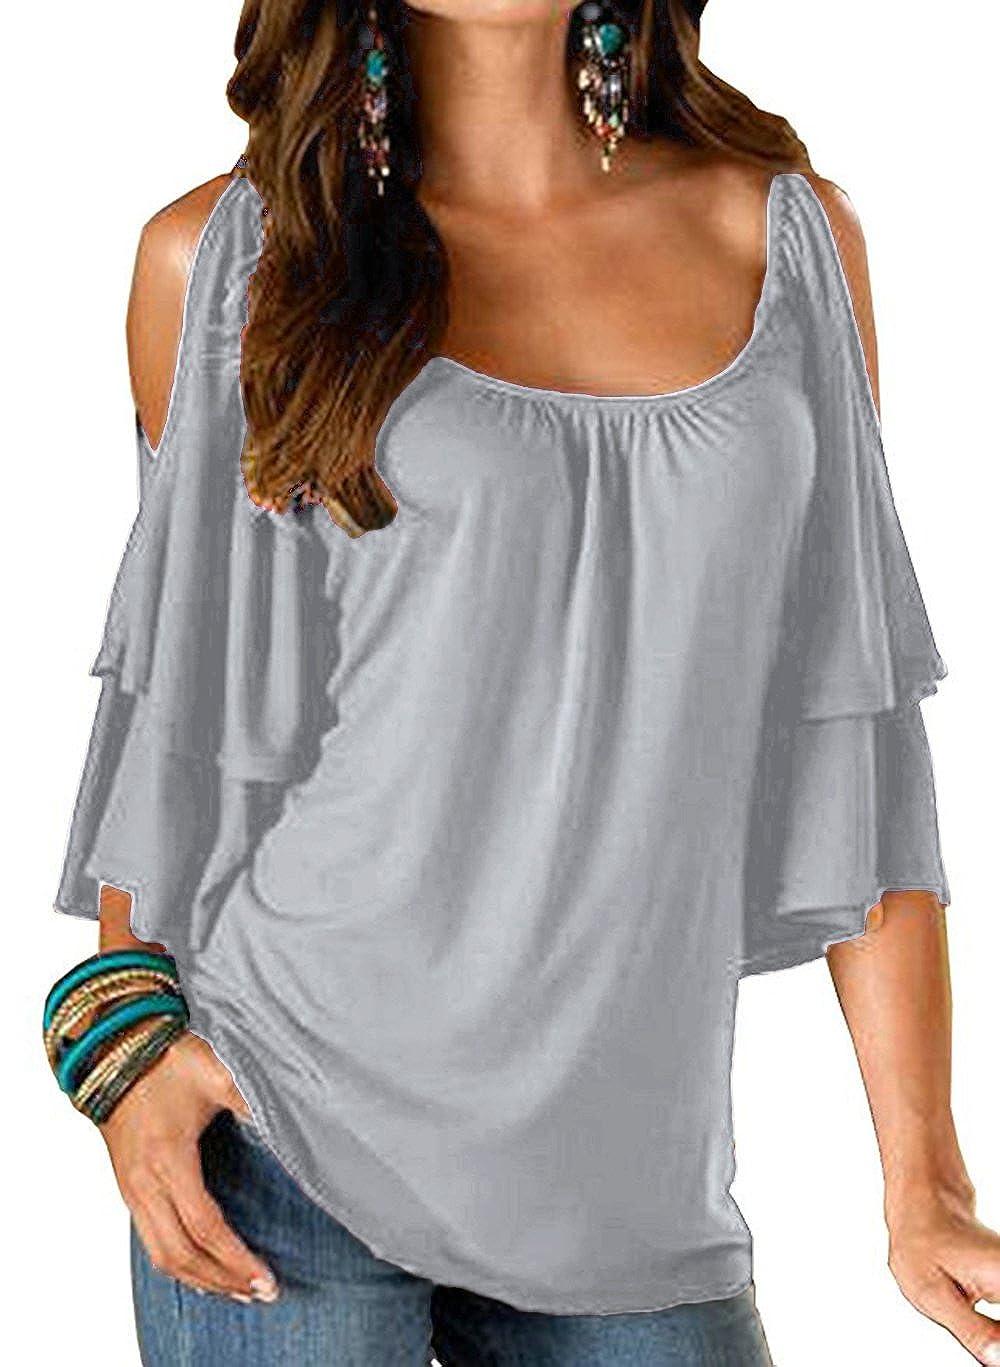 Unbrand T Shirt Spalle Scoperte Moda Bluse con Volant Camicie Estive Donna Maglietta Girocollo Camicetta Manica Corta Casual Tunica Top Scollo a Barca Pullover Sweatshirt Tumblr Tinta Unita